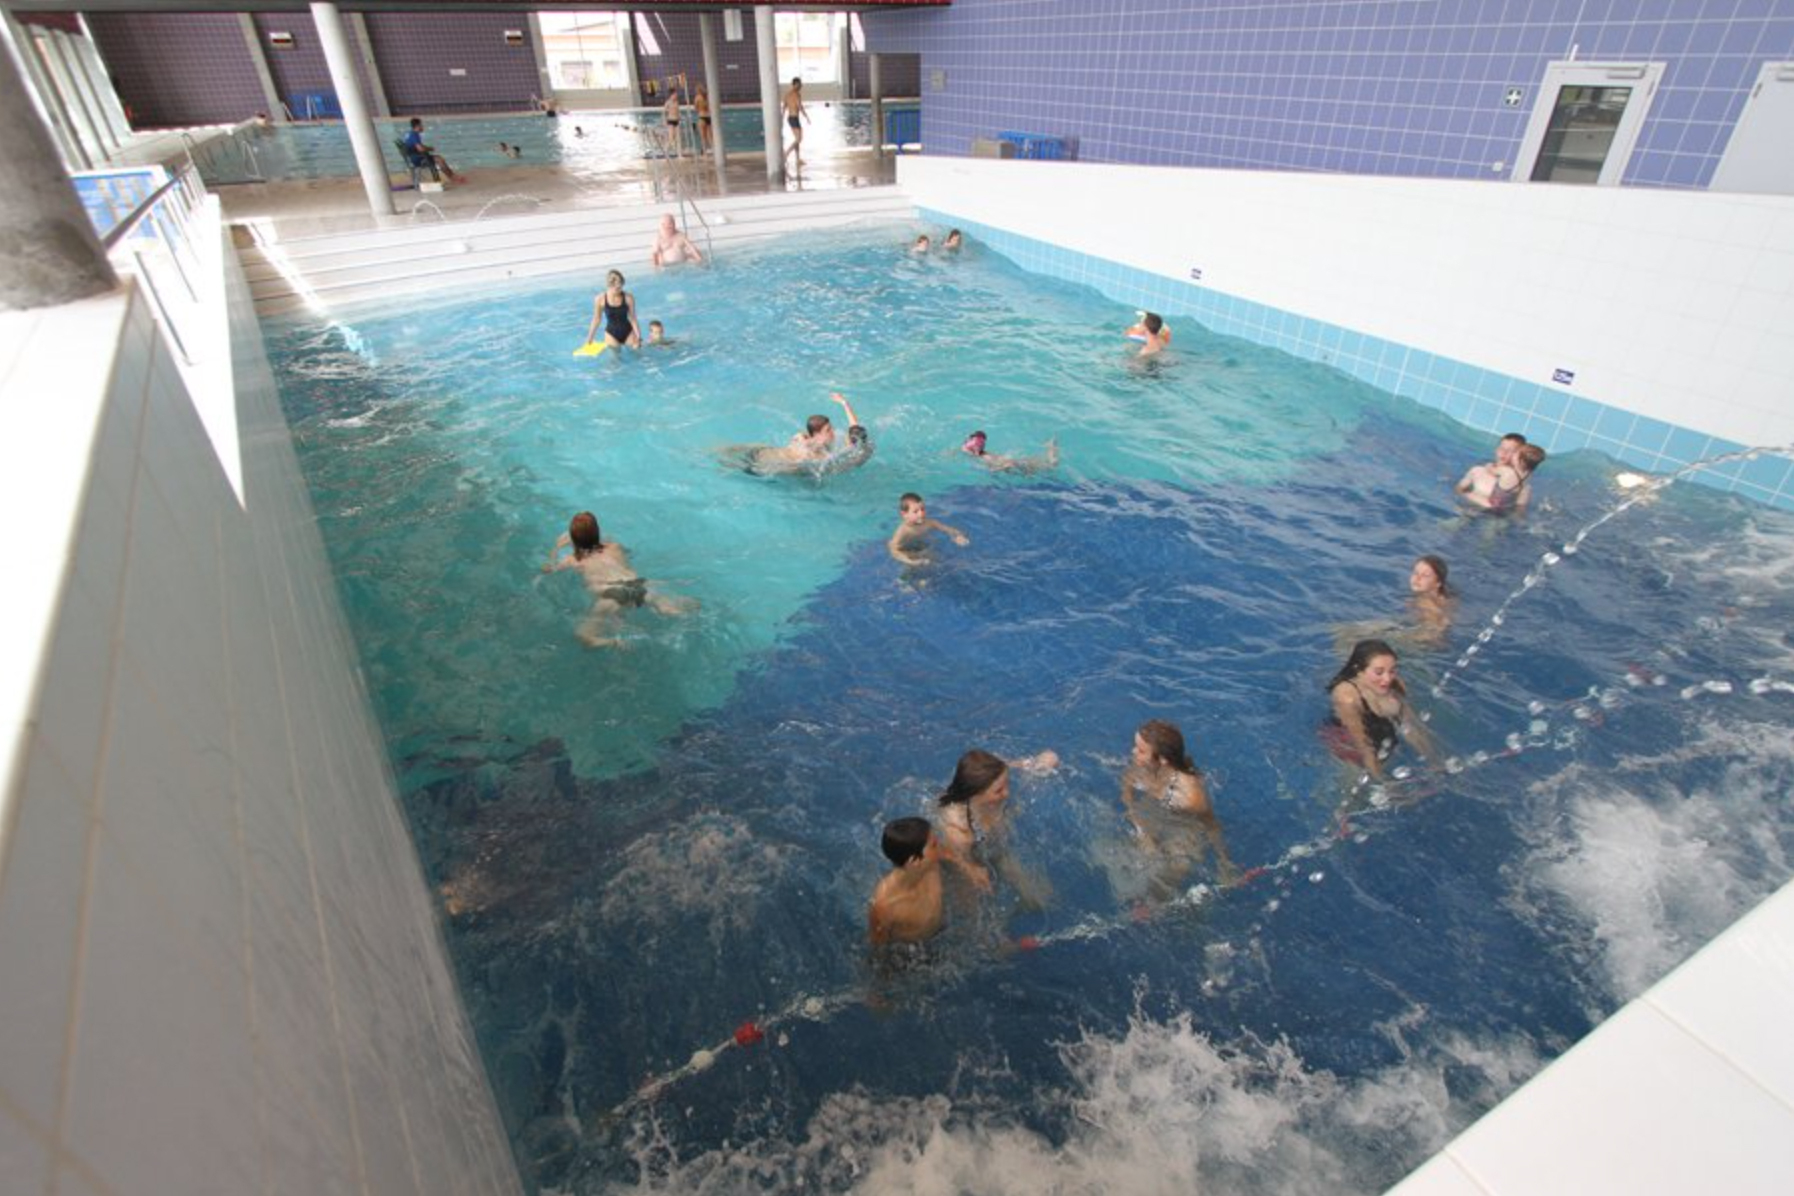 Accueil - Le Point D'eau : Centre Aquatique Sportif Et De ... encequiconcerne Piscine St Amand